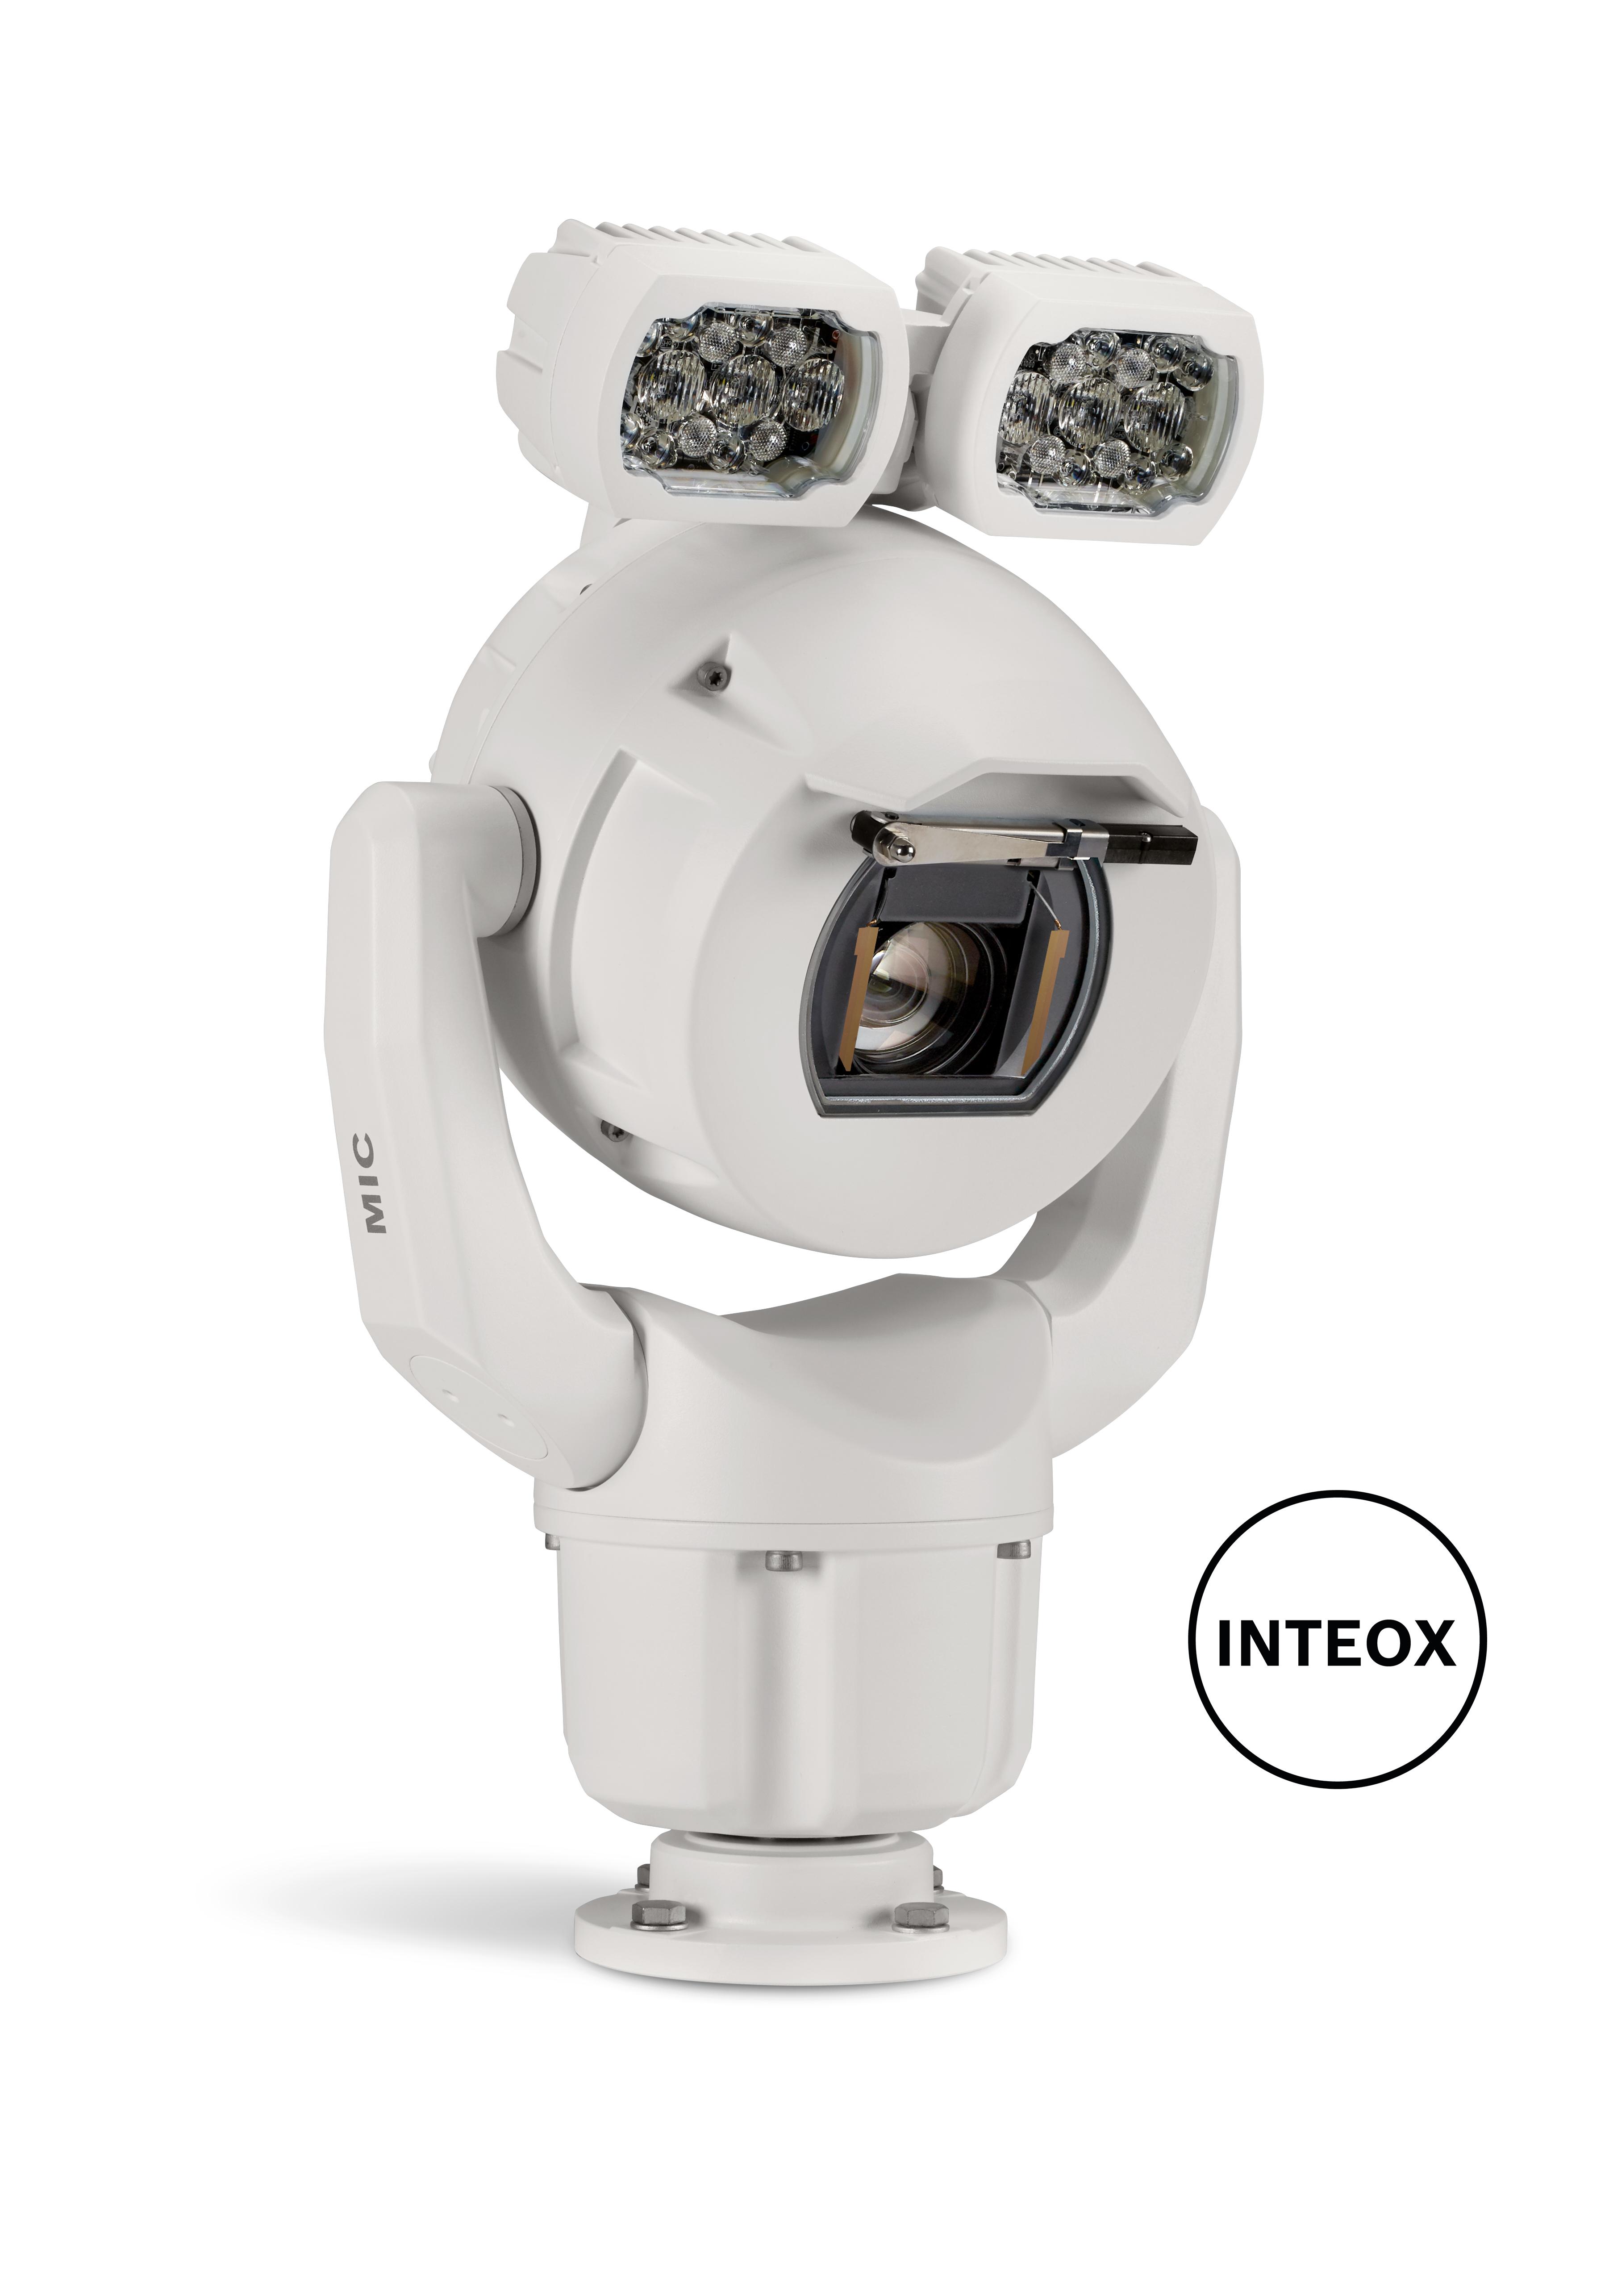 Spoločnosť Bosch predstavuje prvé kamery založené na otvorenej kamerovej platforme Intex